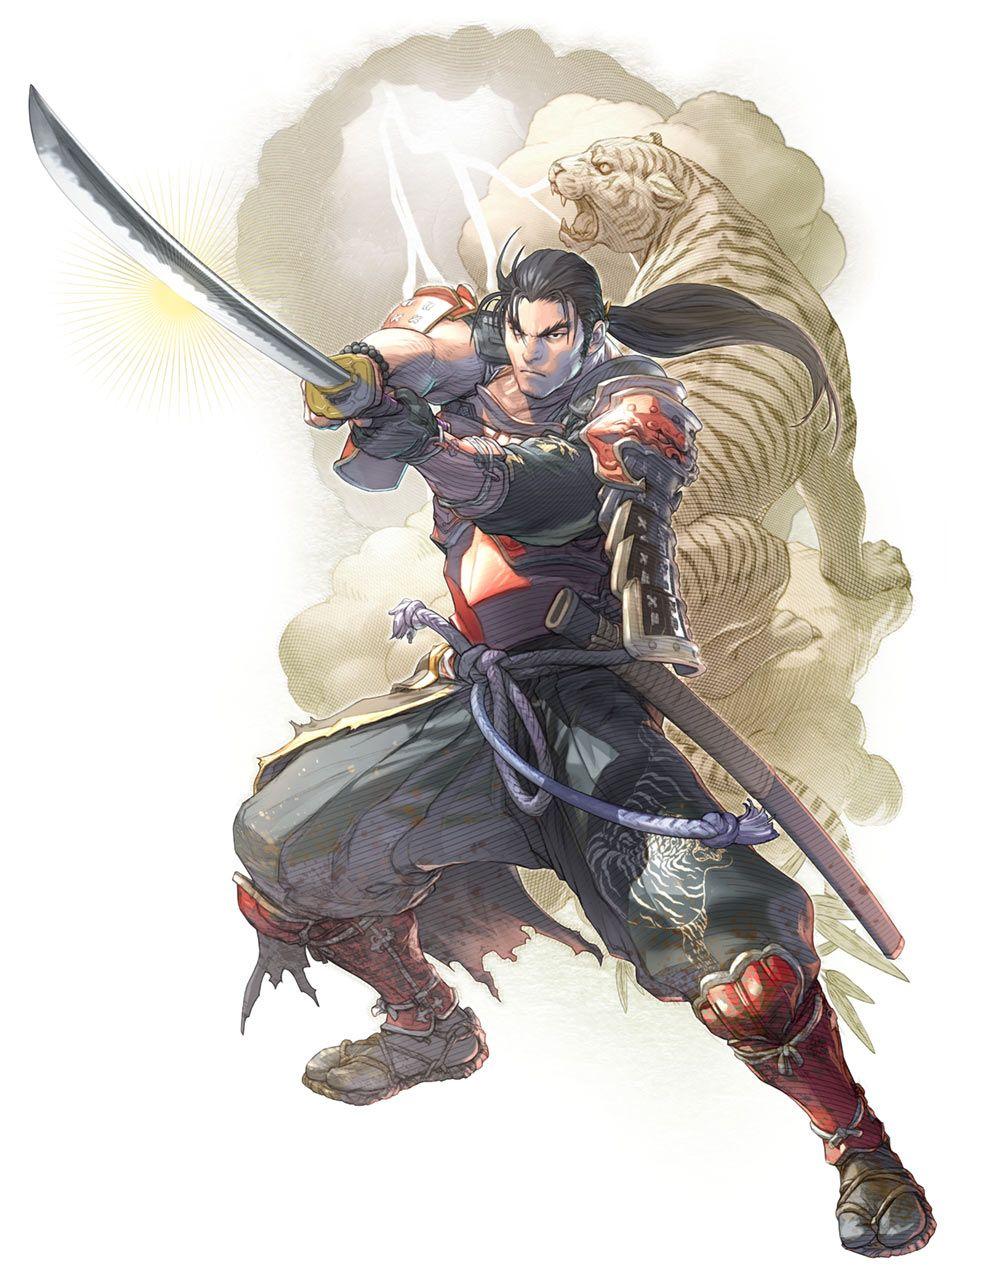 Heishiro Mitsurugi From Soulcalibur Vi Arte Samurai Arte